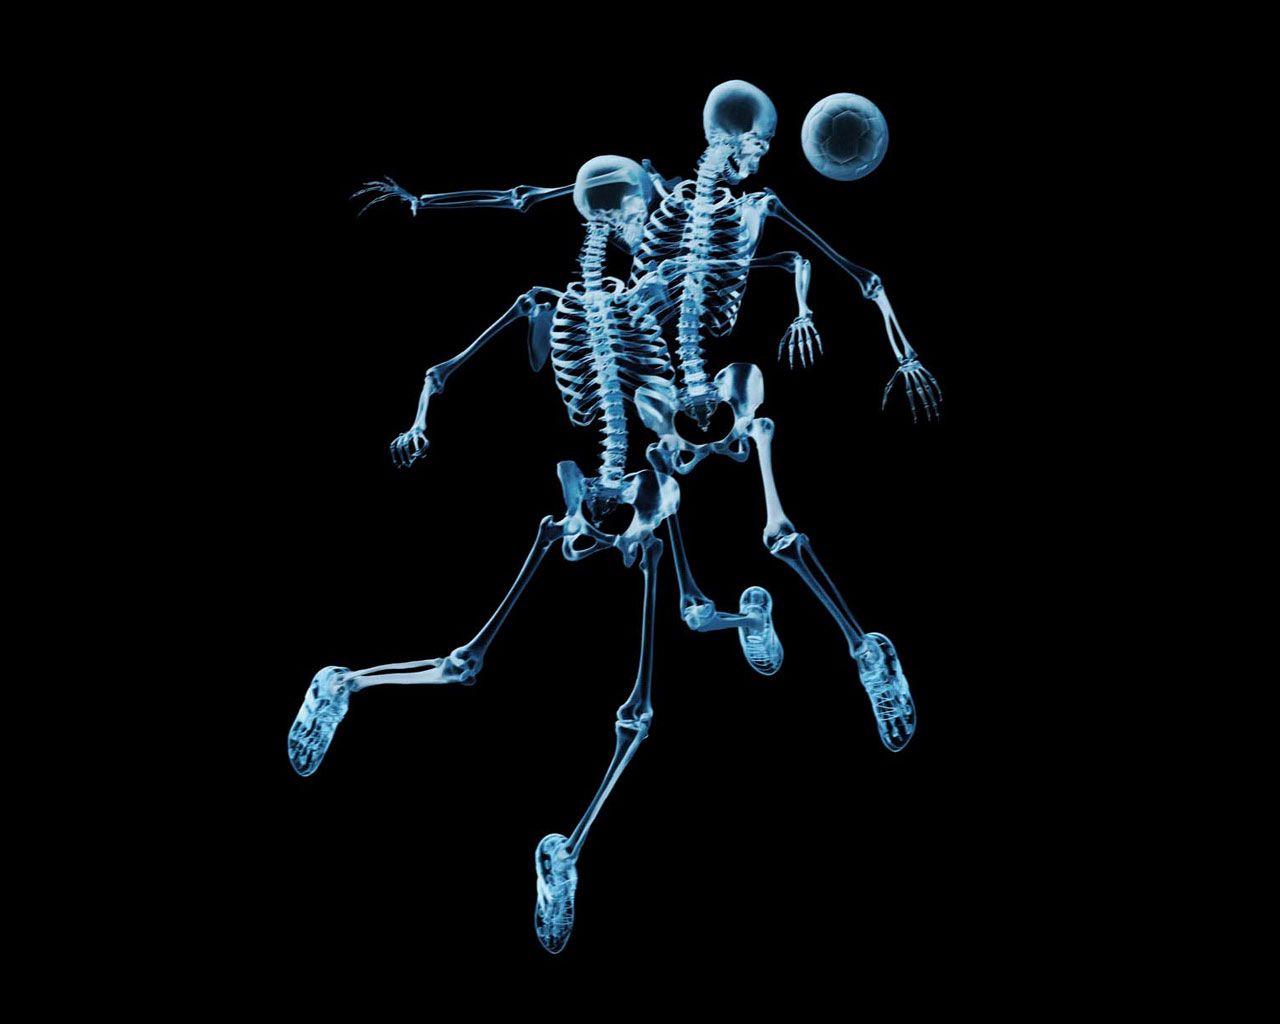 51760 Protetores de tela e papéis de parede Futebol em seu telefone. Baixe Futebol, Esportes, Esqueletos, Instantâneo, Bola, Raio X, Roentgen fotos gratuitamente